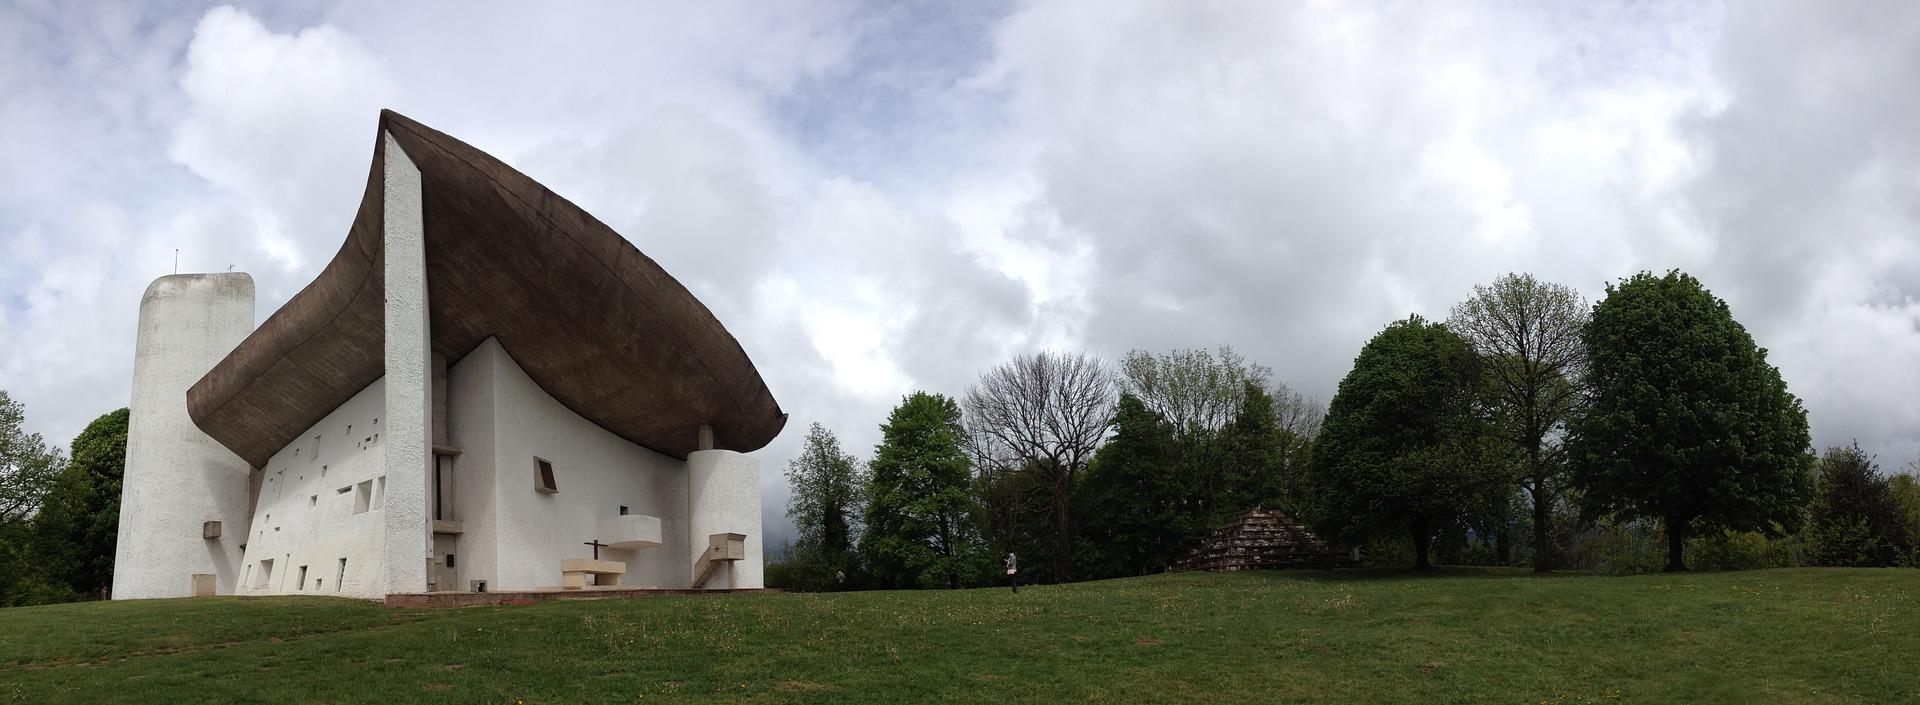 ル・コルビュジエと近代建築五原則。世界文化遺産登録された近代建築に触れるの参考画像